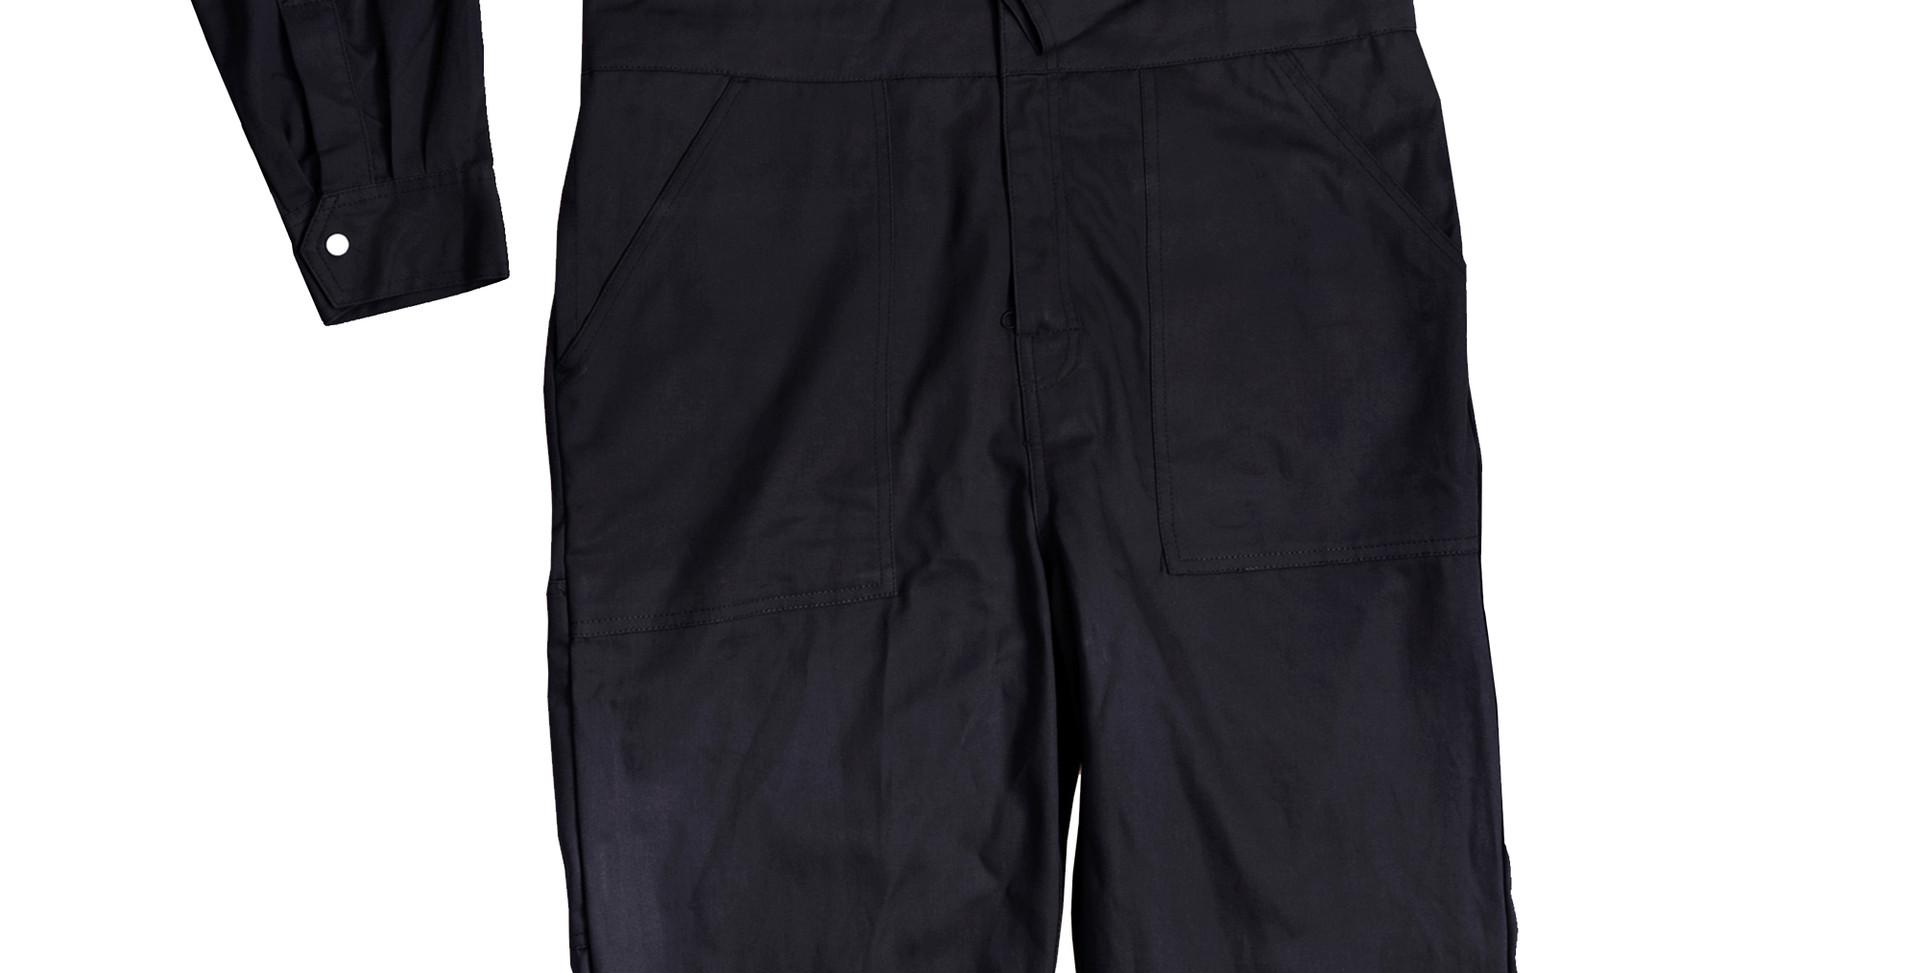 boiler suit black.jpg